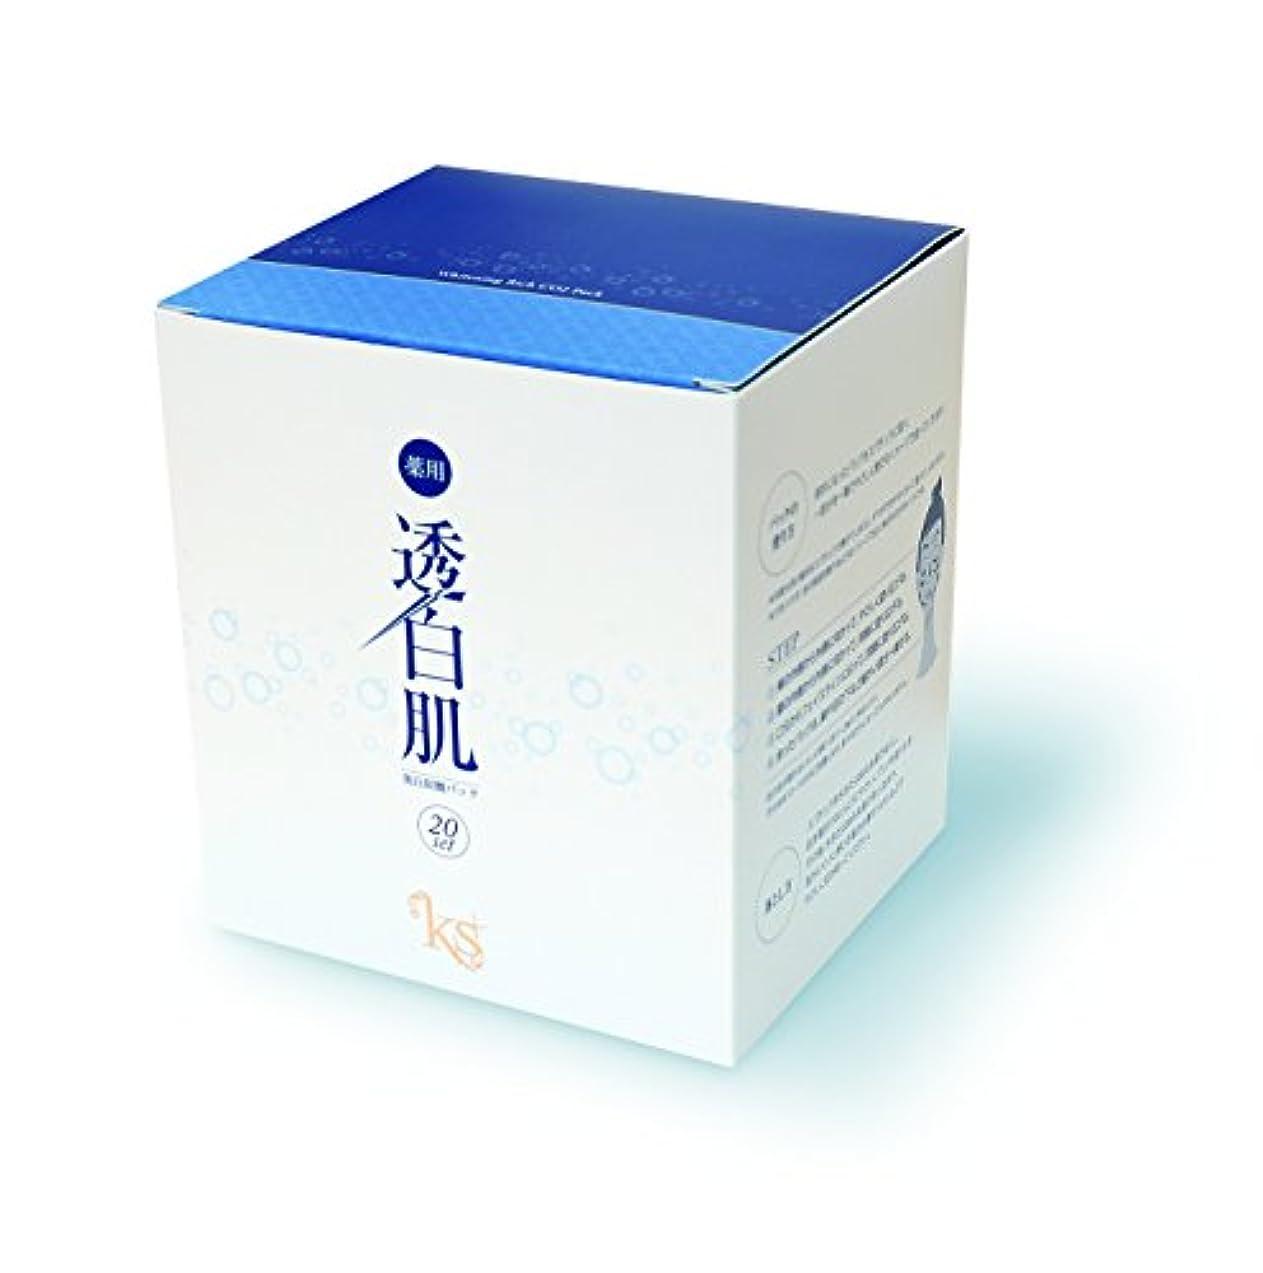 フェミニン広げる高齢者[薬用]透白肌 薬用美白炭酸パック〈2層式パック〉 20セット入 美白ケア